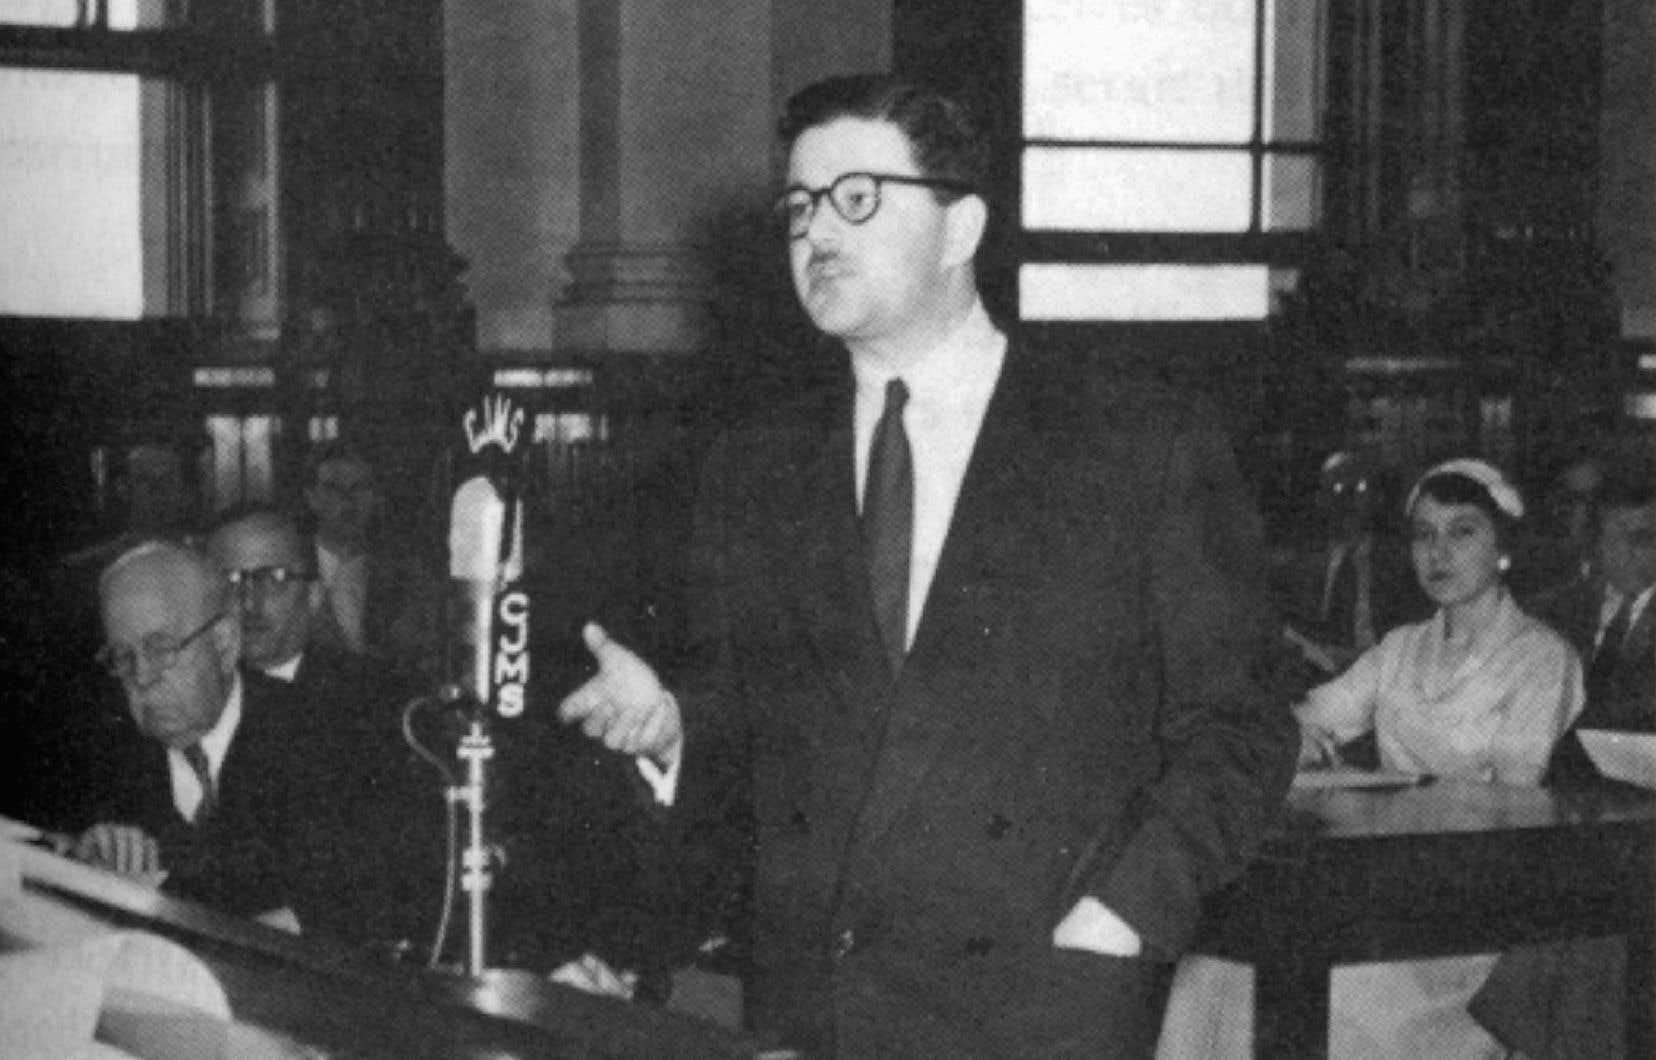 D'abord élu en 1960, Paul Gérin-Lajoie a été ministre de l'Éducation au sein du gouvernement Lesage, de 1964 à 1966.